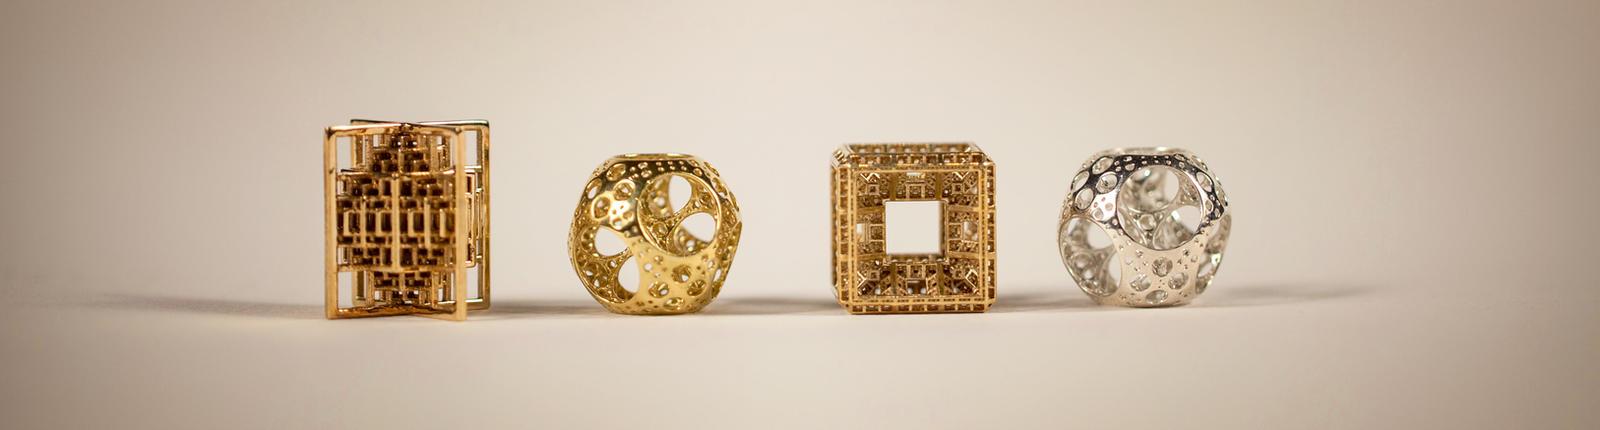 3D printed fractal jewels by bib993